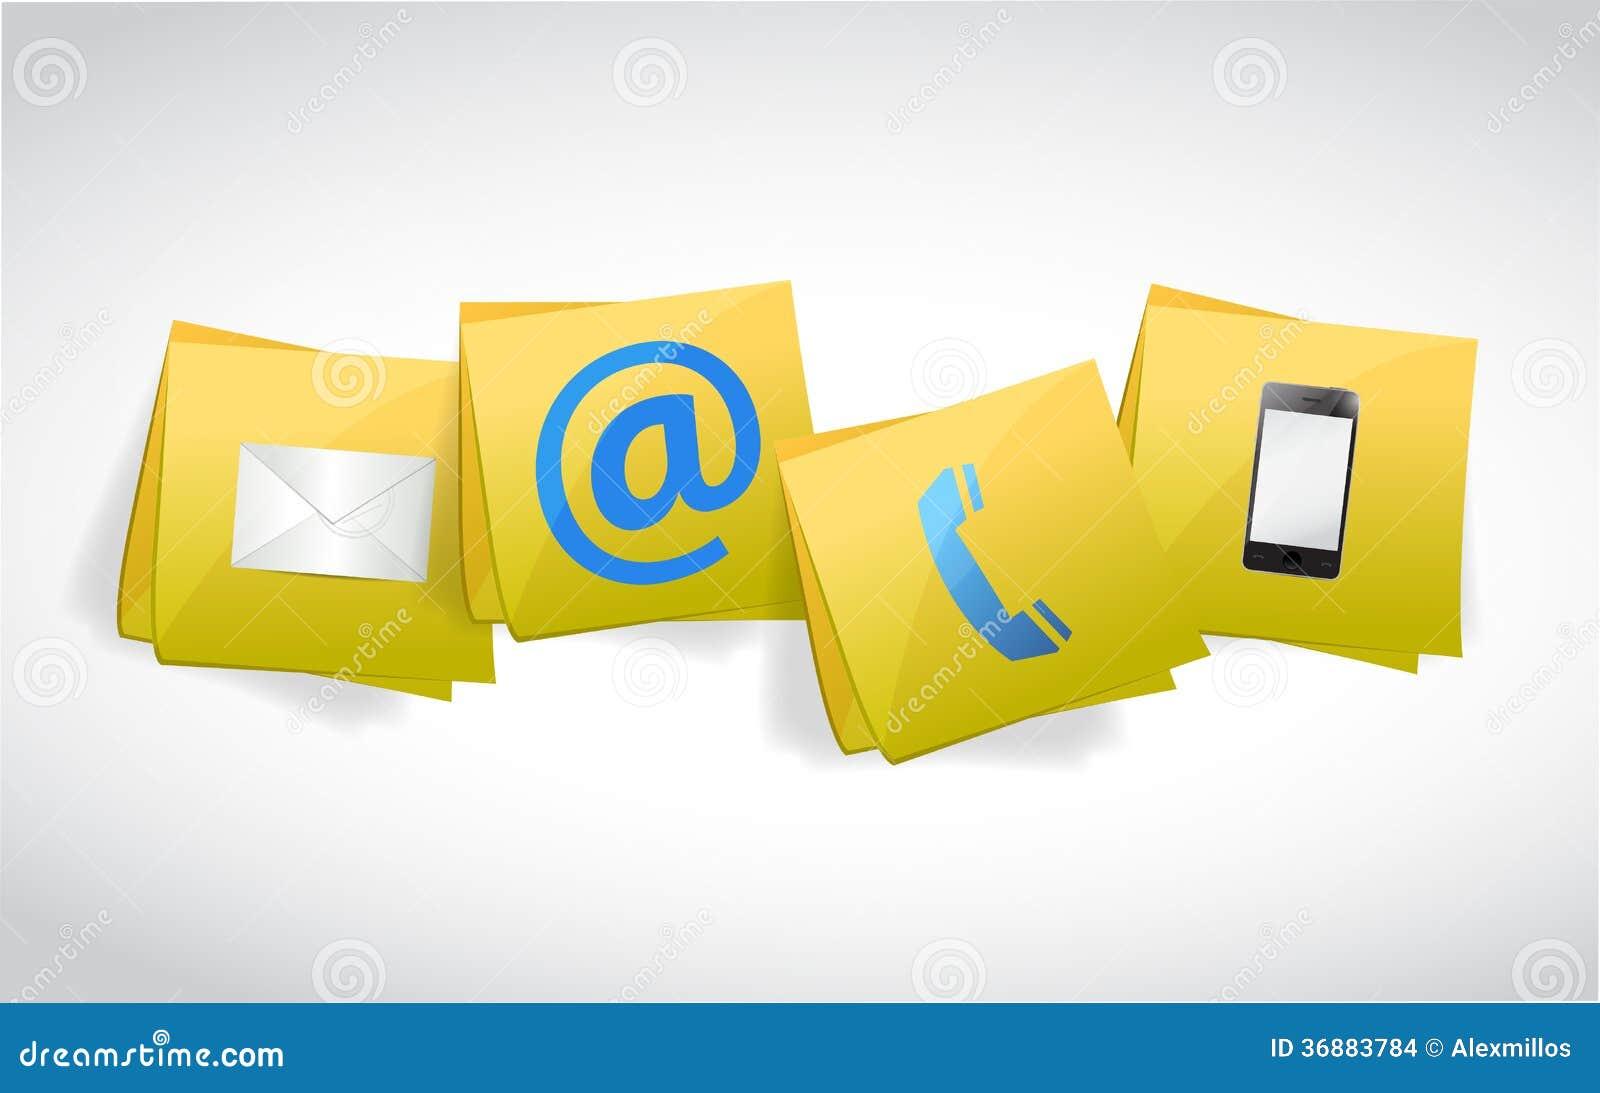 Download Contattici Progettazione Dell'illustrazione Della Posta Illustrazione di Stock - Illustrazione di carta, assistenza: 36883784